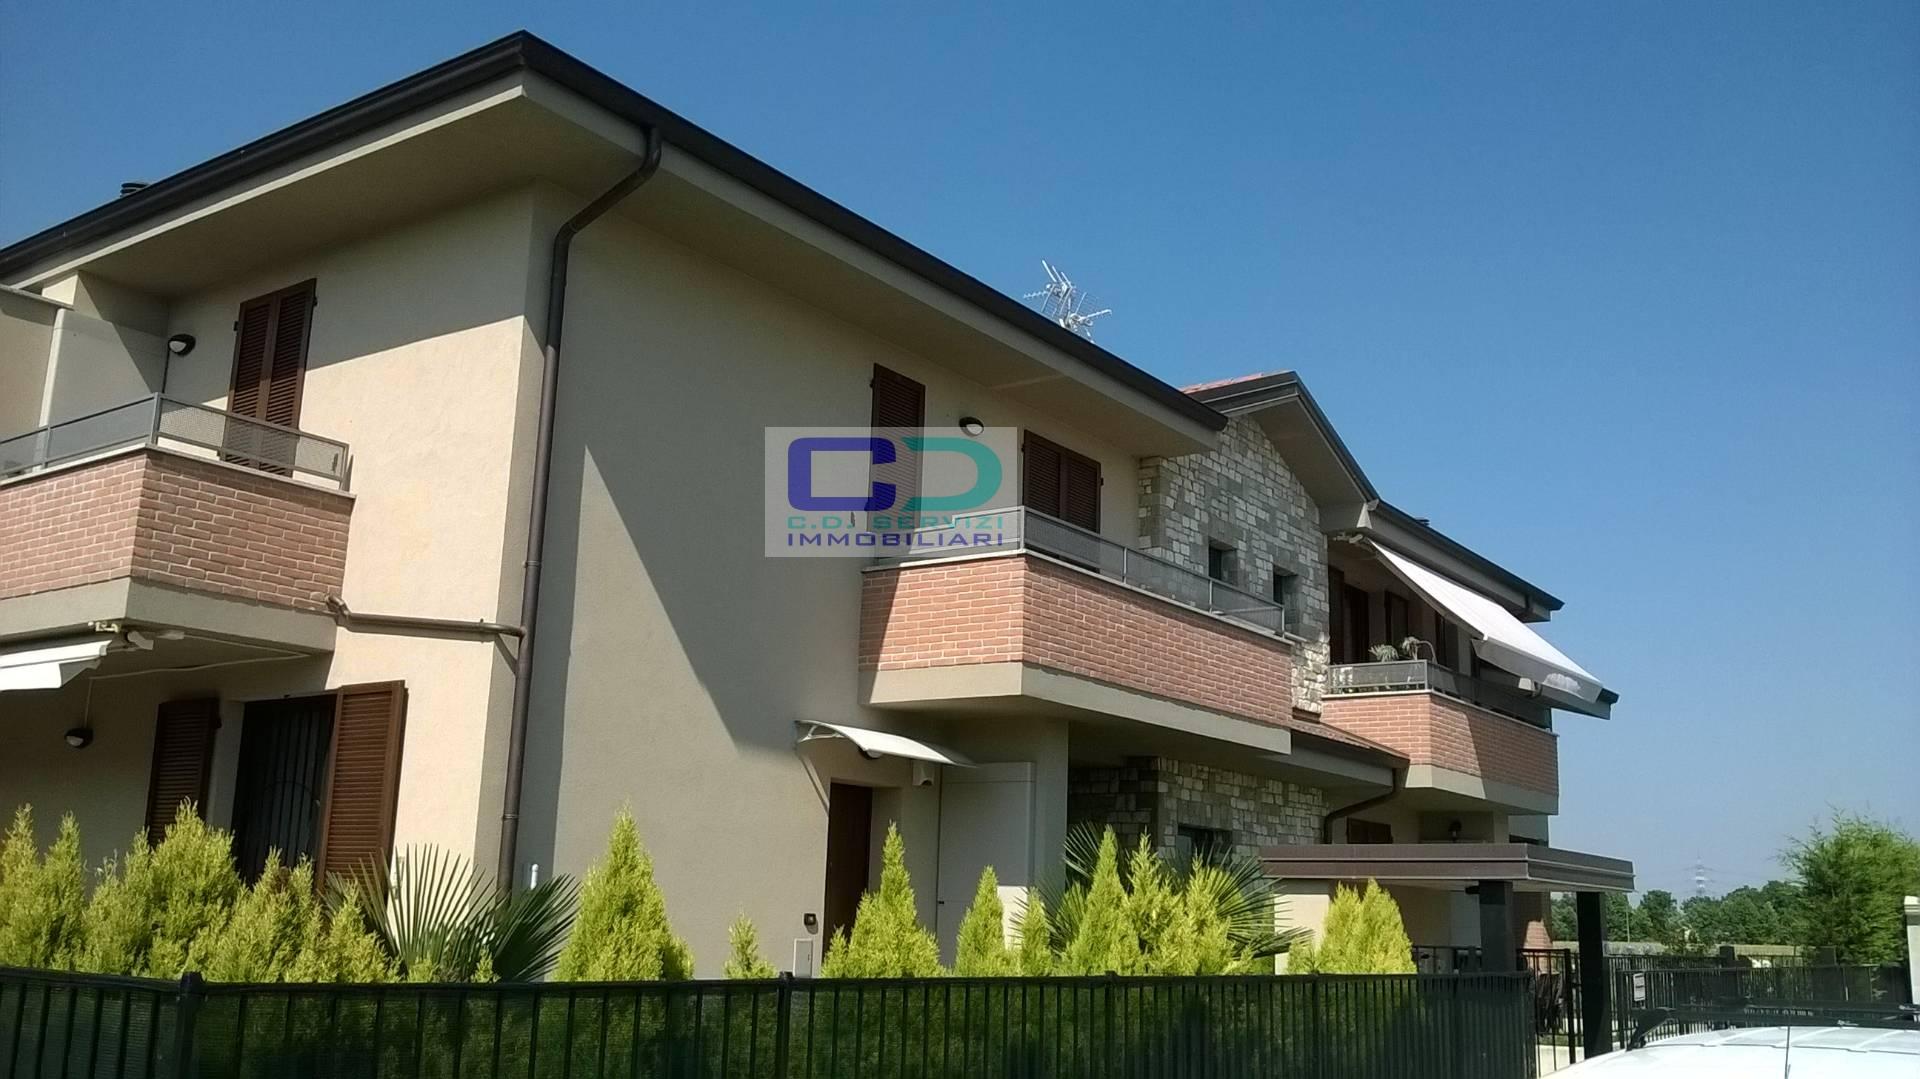 Appartamento in affitto a Cassano d'Adda, 2 locali, zona Località: CascineSanPietro, prezzo € 550 | CambioCasa.it